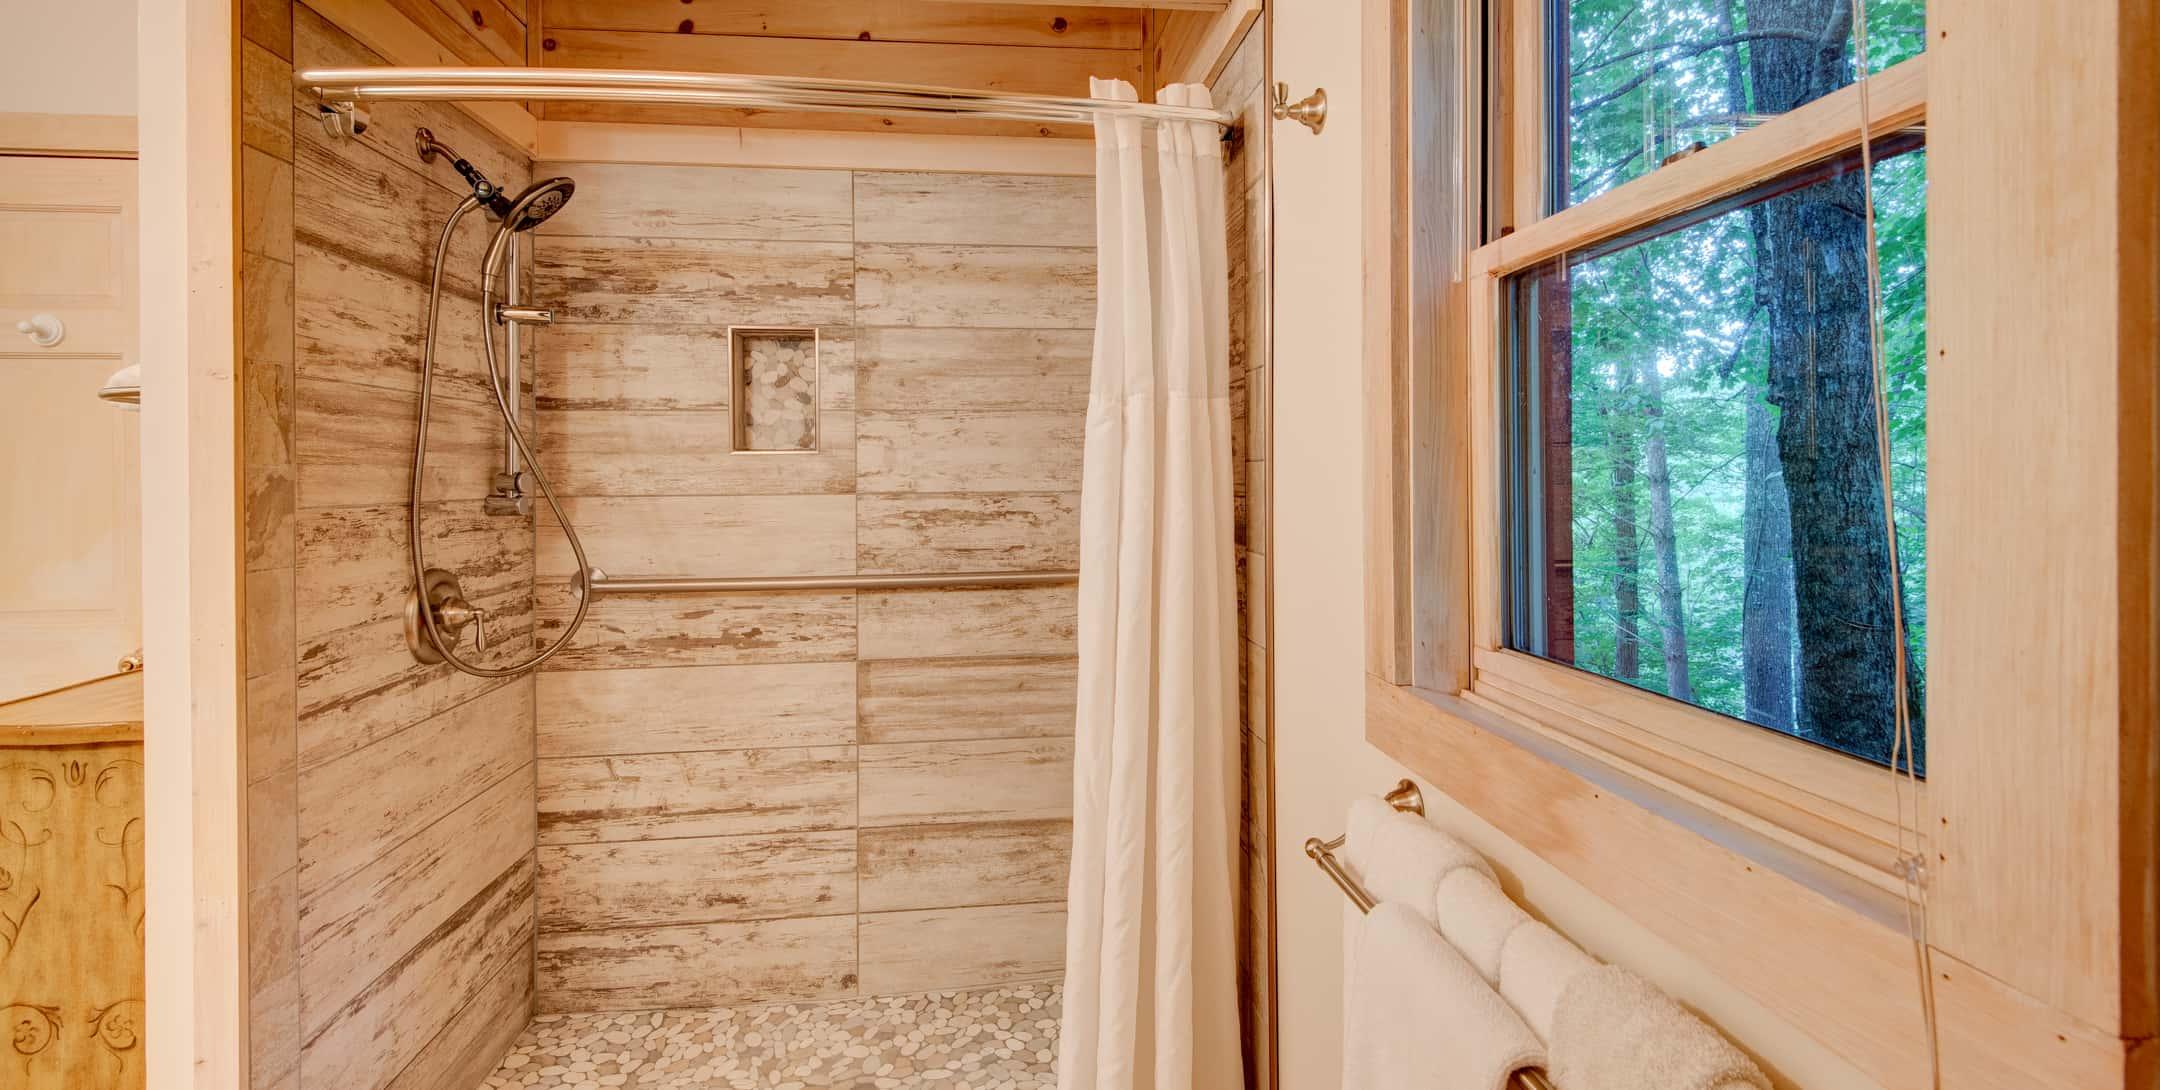 Tiled walk-in shower